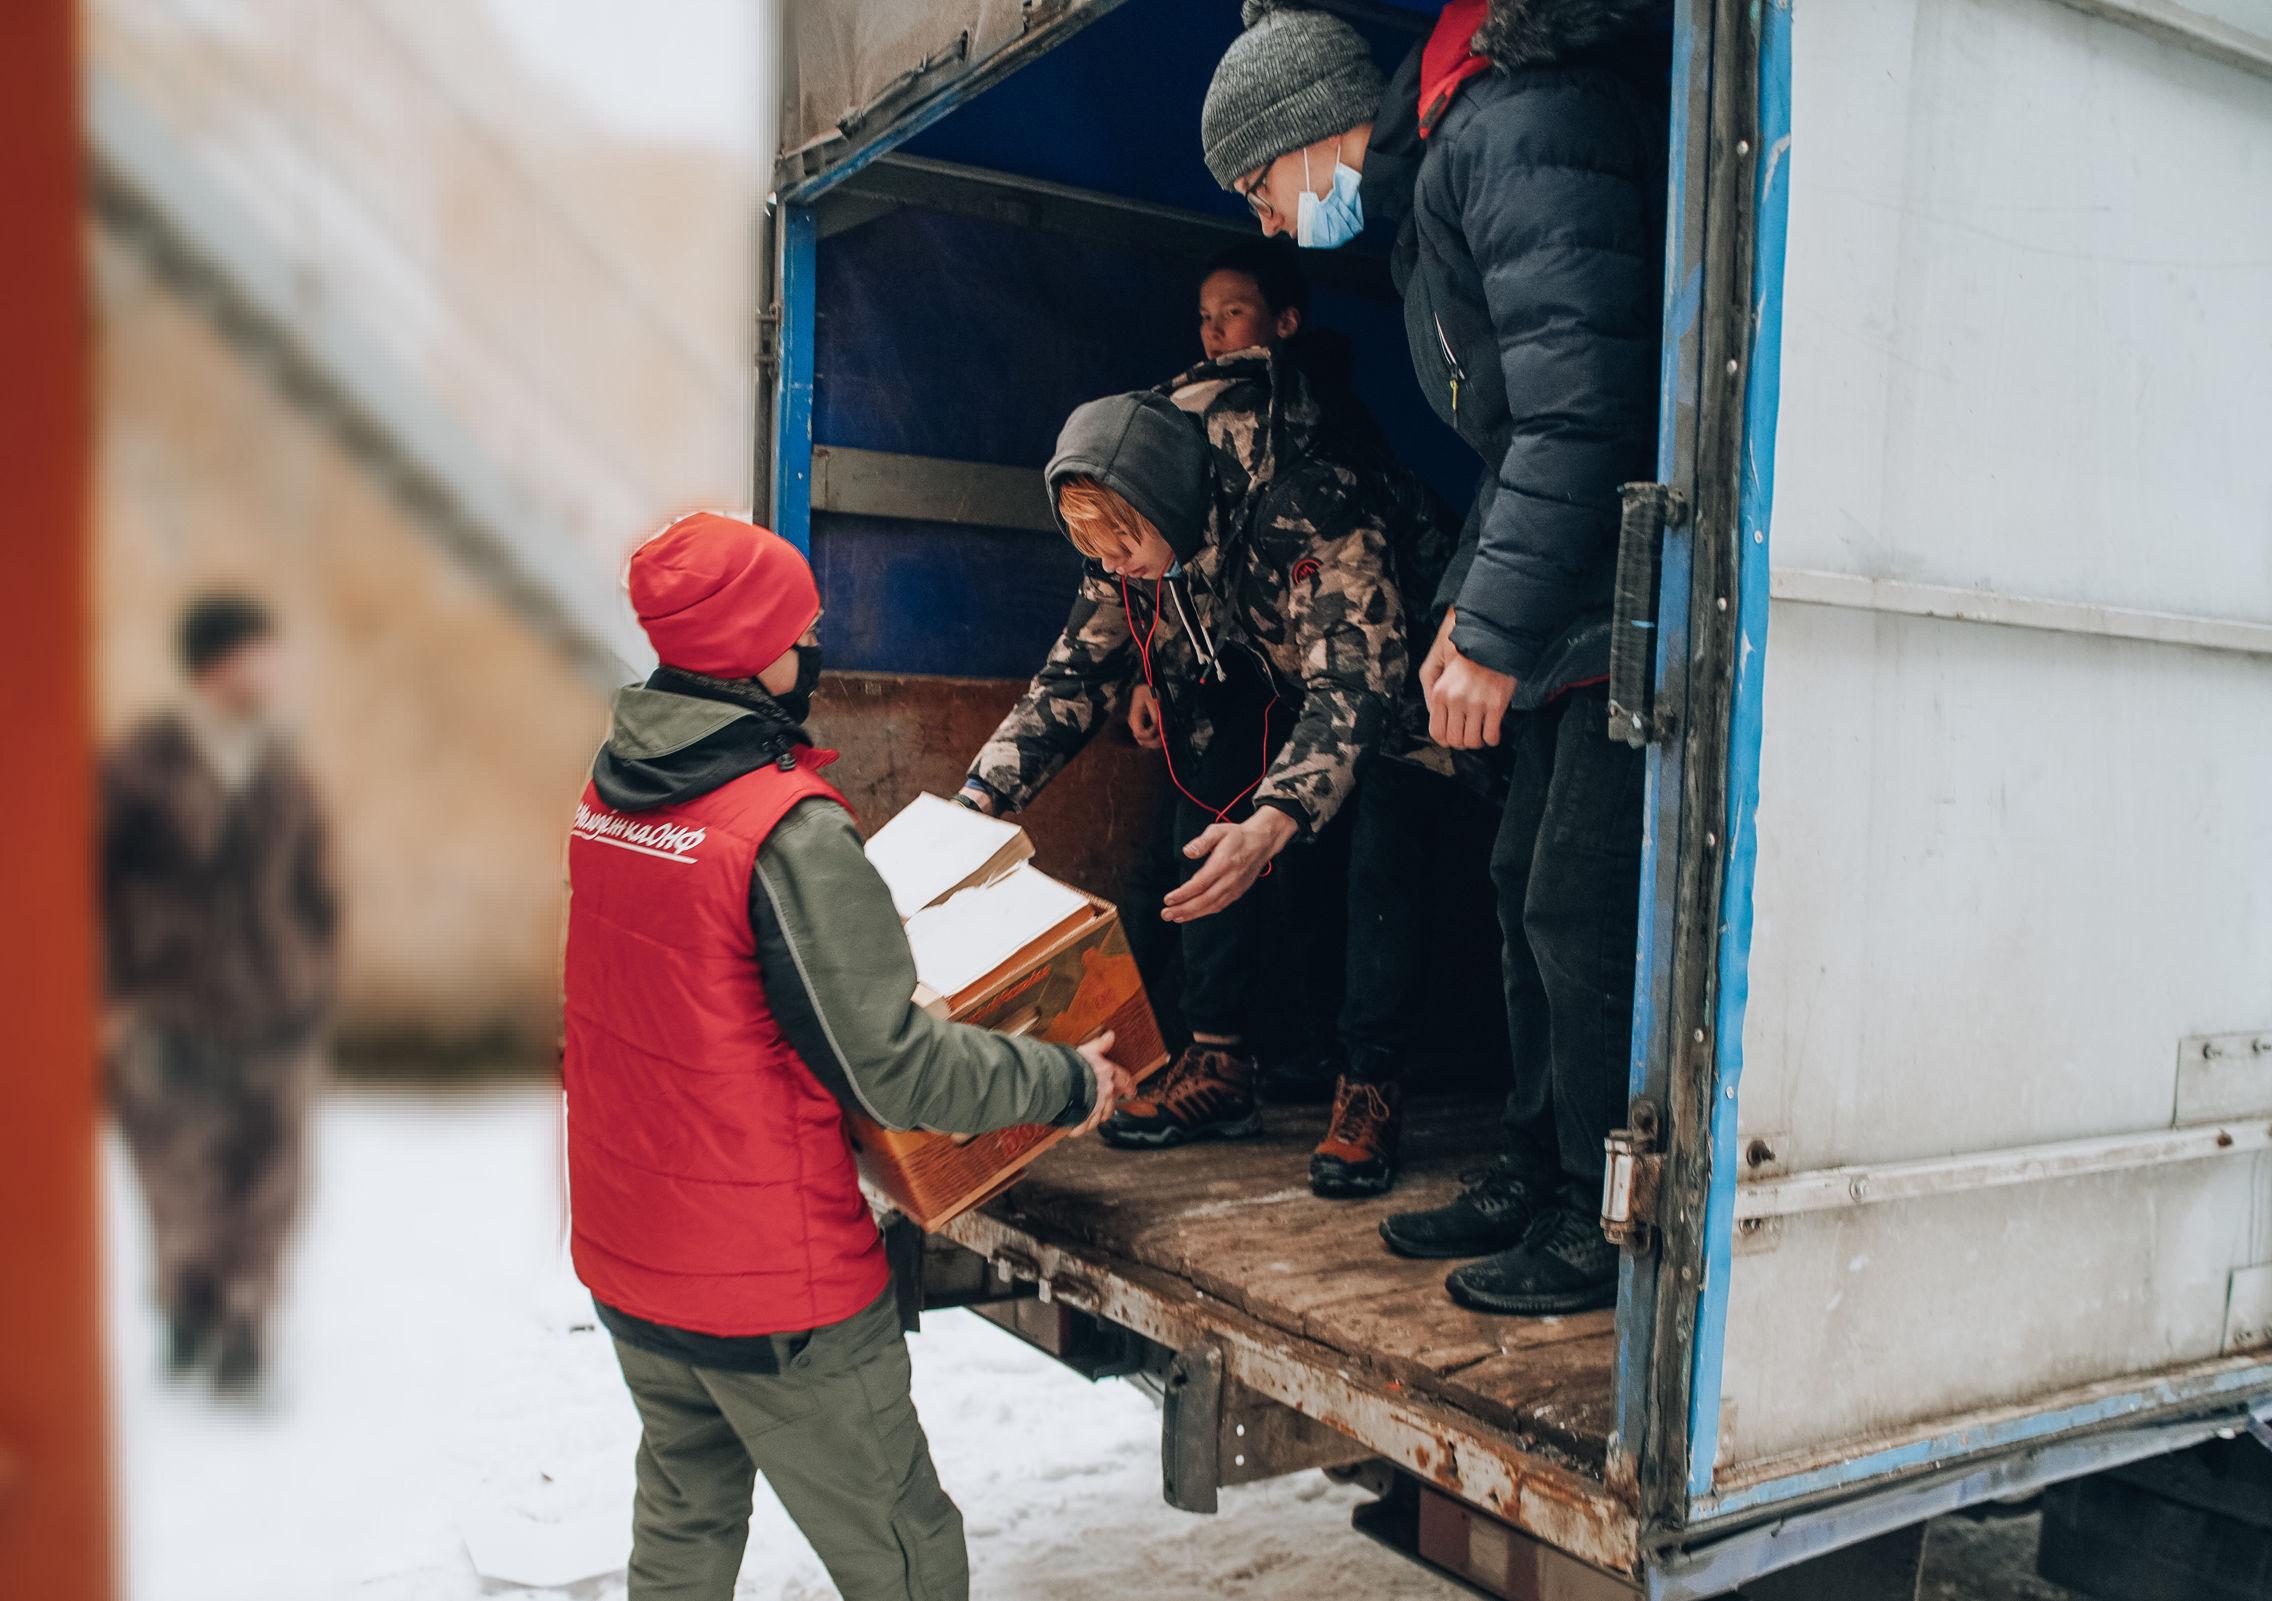 Воспитанники Рыбинского детского дома собрали для сдачи более тонны макулатуры